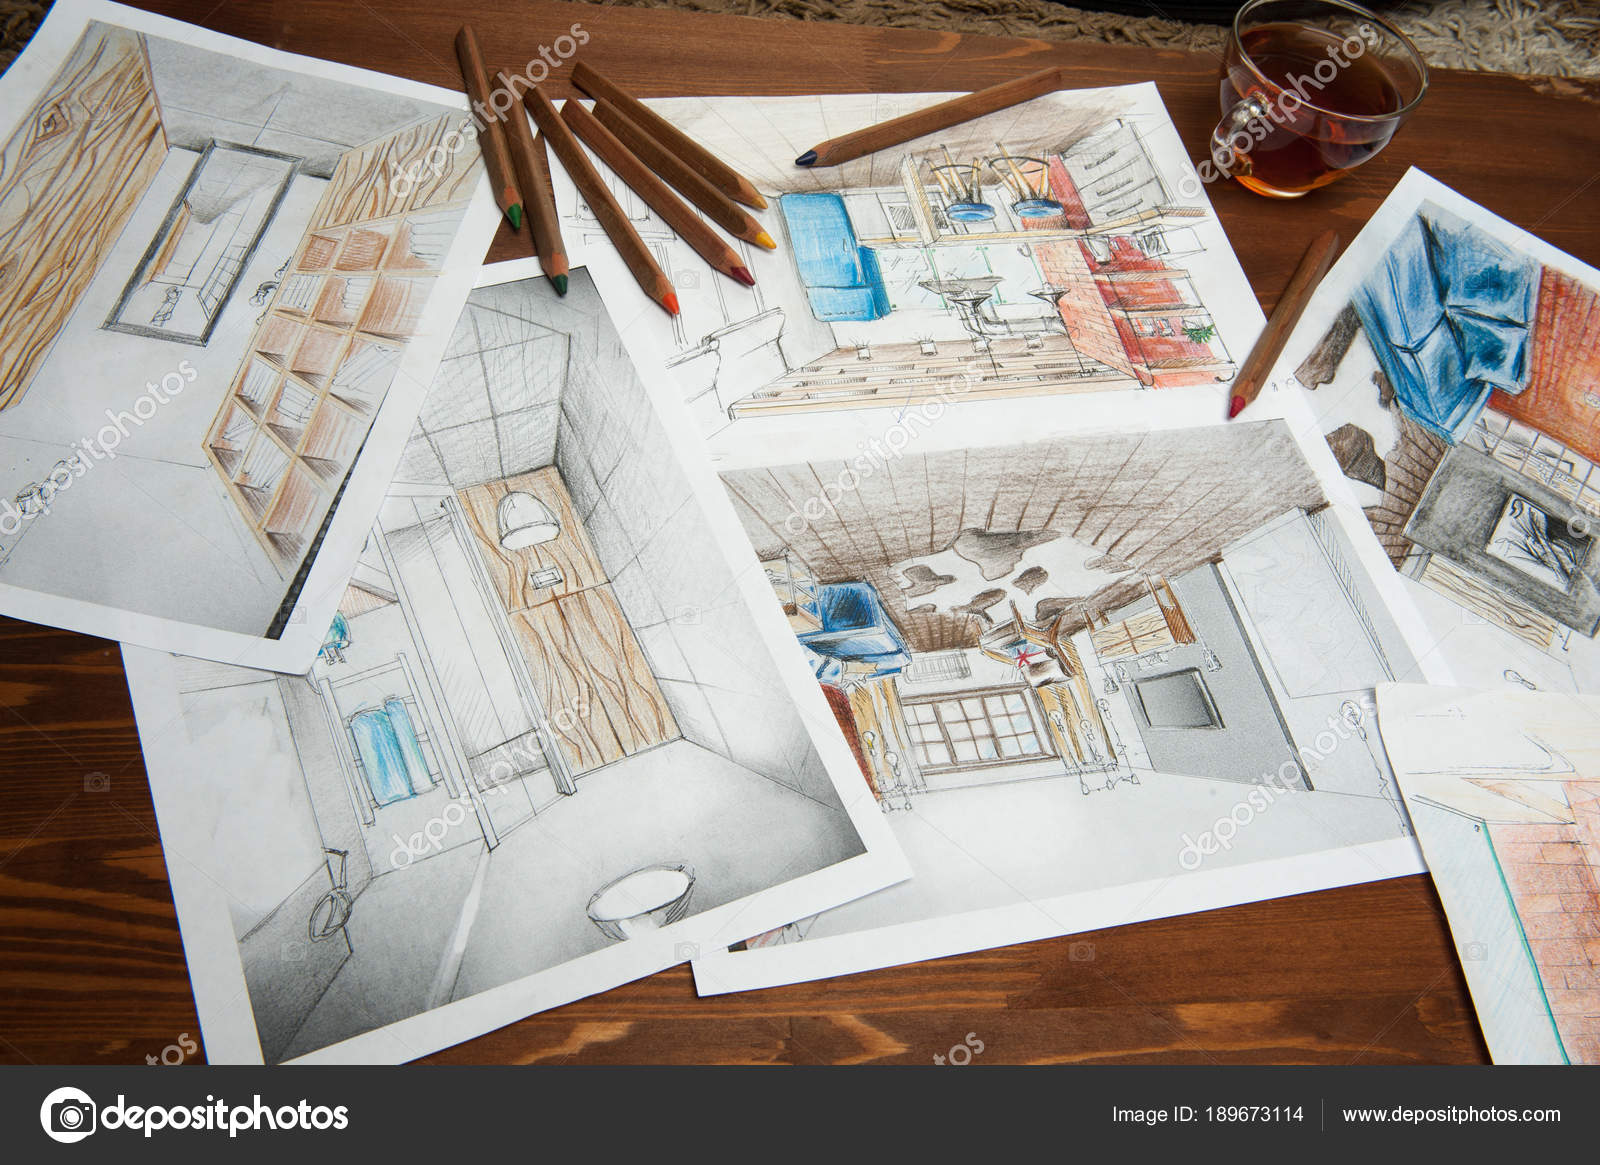 Beste Küchendesign Pläne Herunterladen Fotos - Ideen Für Die Küche ...